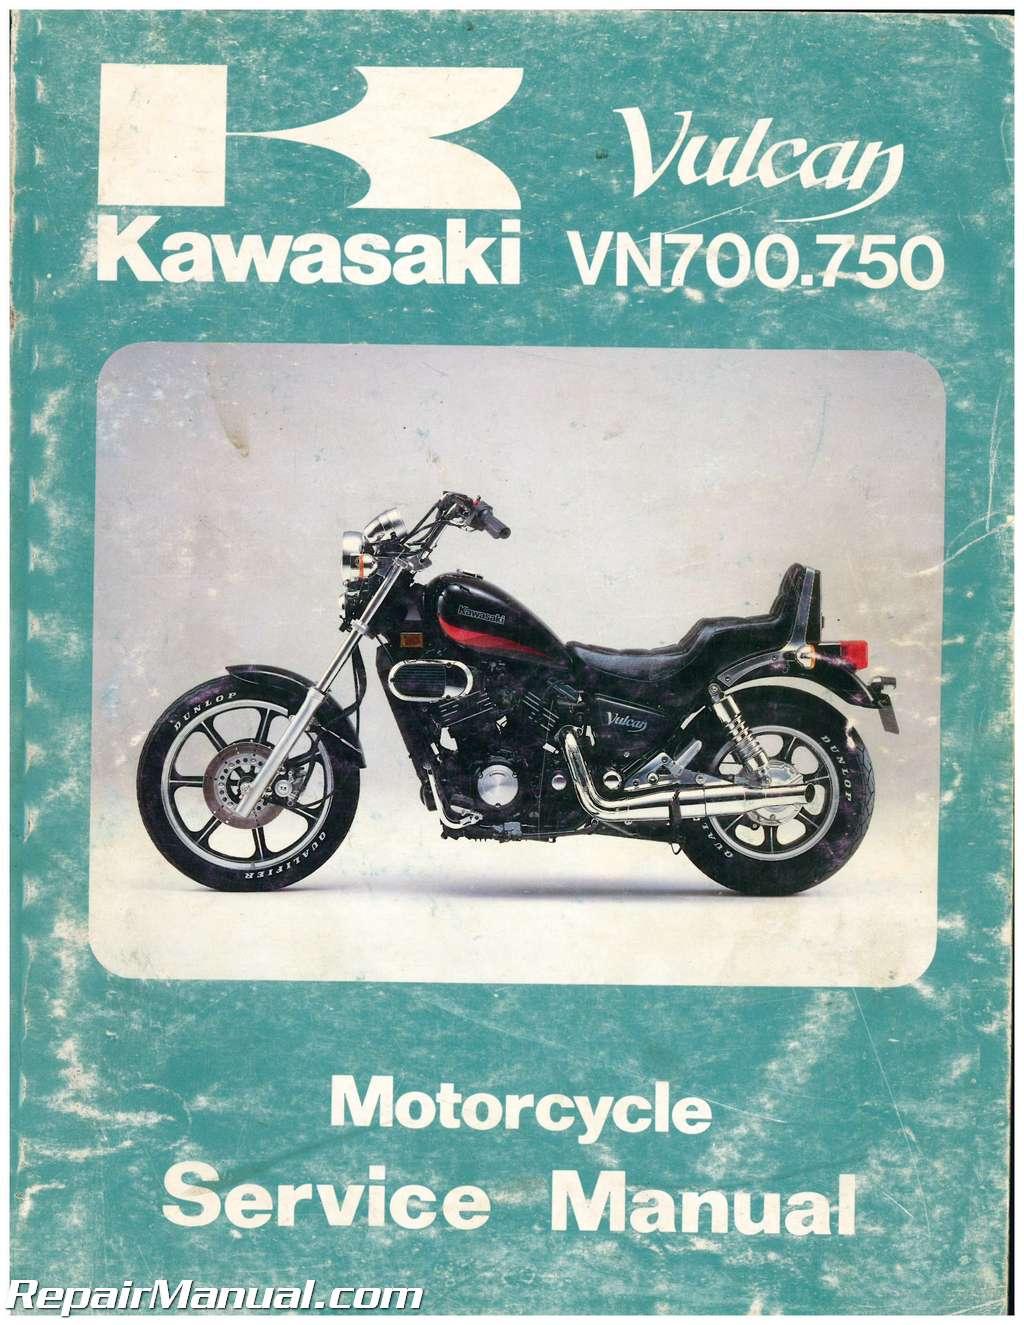 Service Manual kawasaki 750 vn